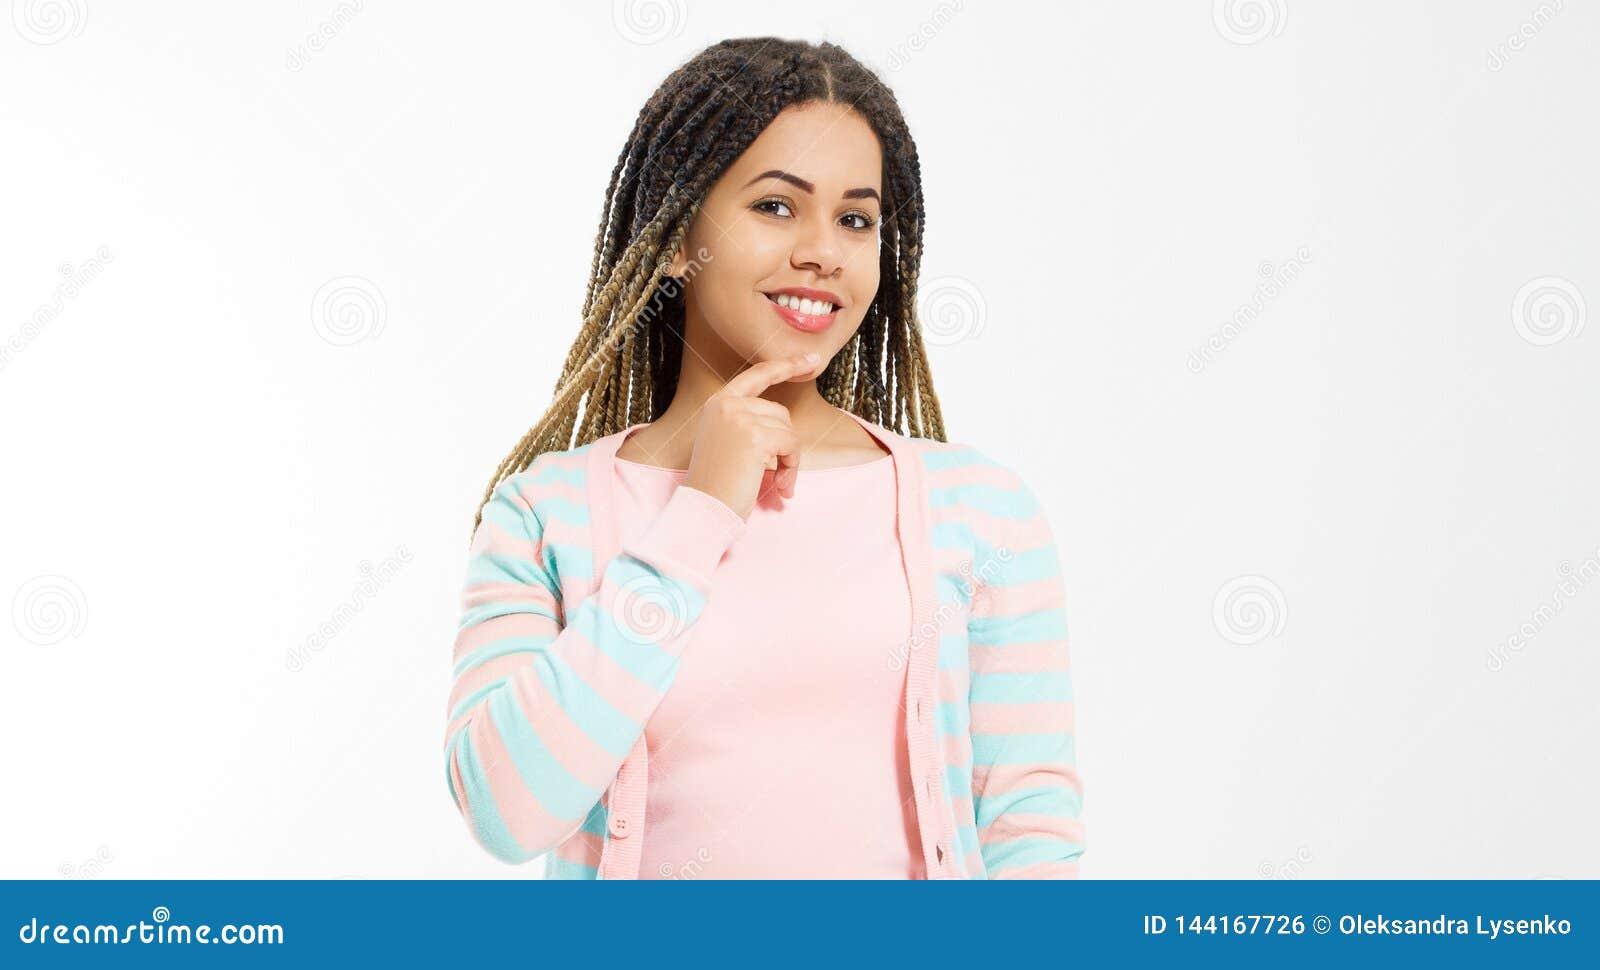 Κορίτσι αφροαμερικάνων στα ενδύματα μόδας που απομονώνεται στο άσπρο υπόβαθρο Γυναίκα hipster με το ύφος τρίχας afro r